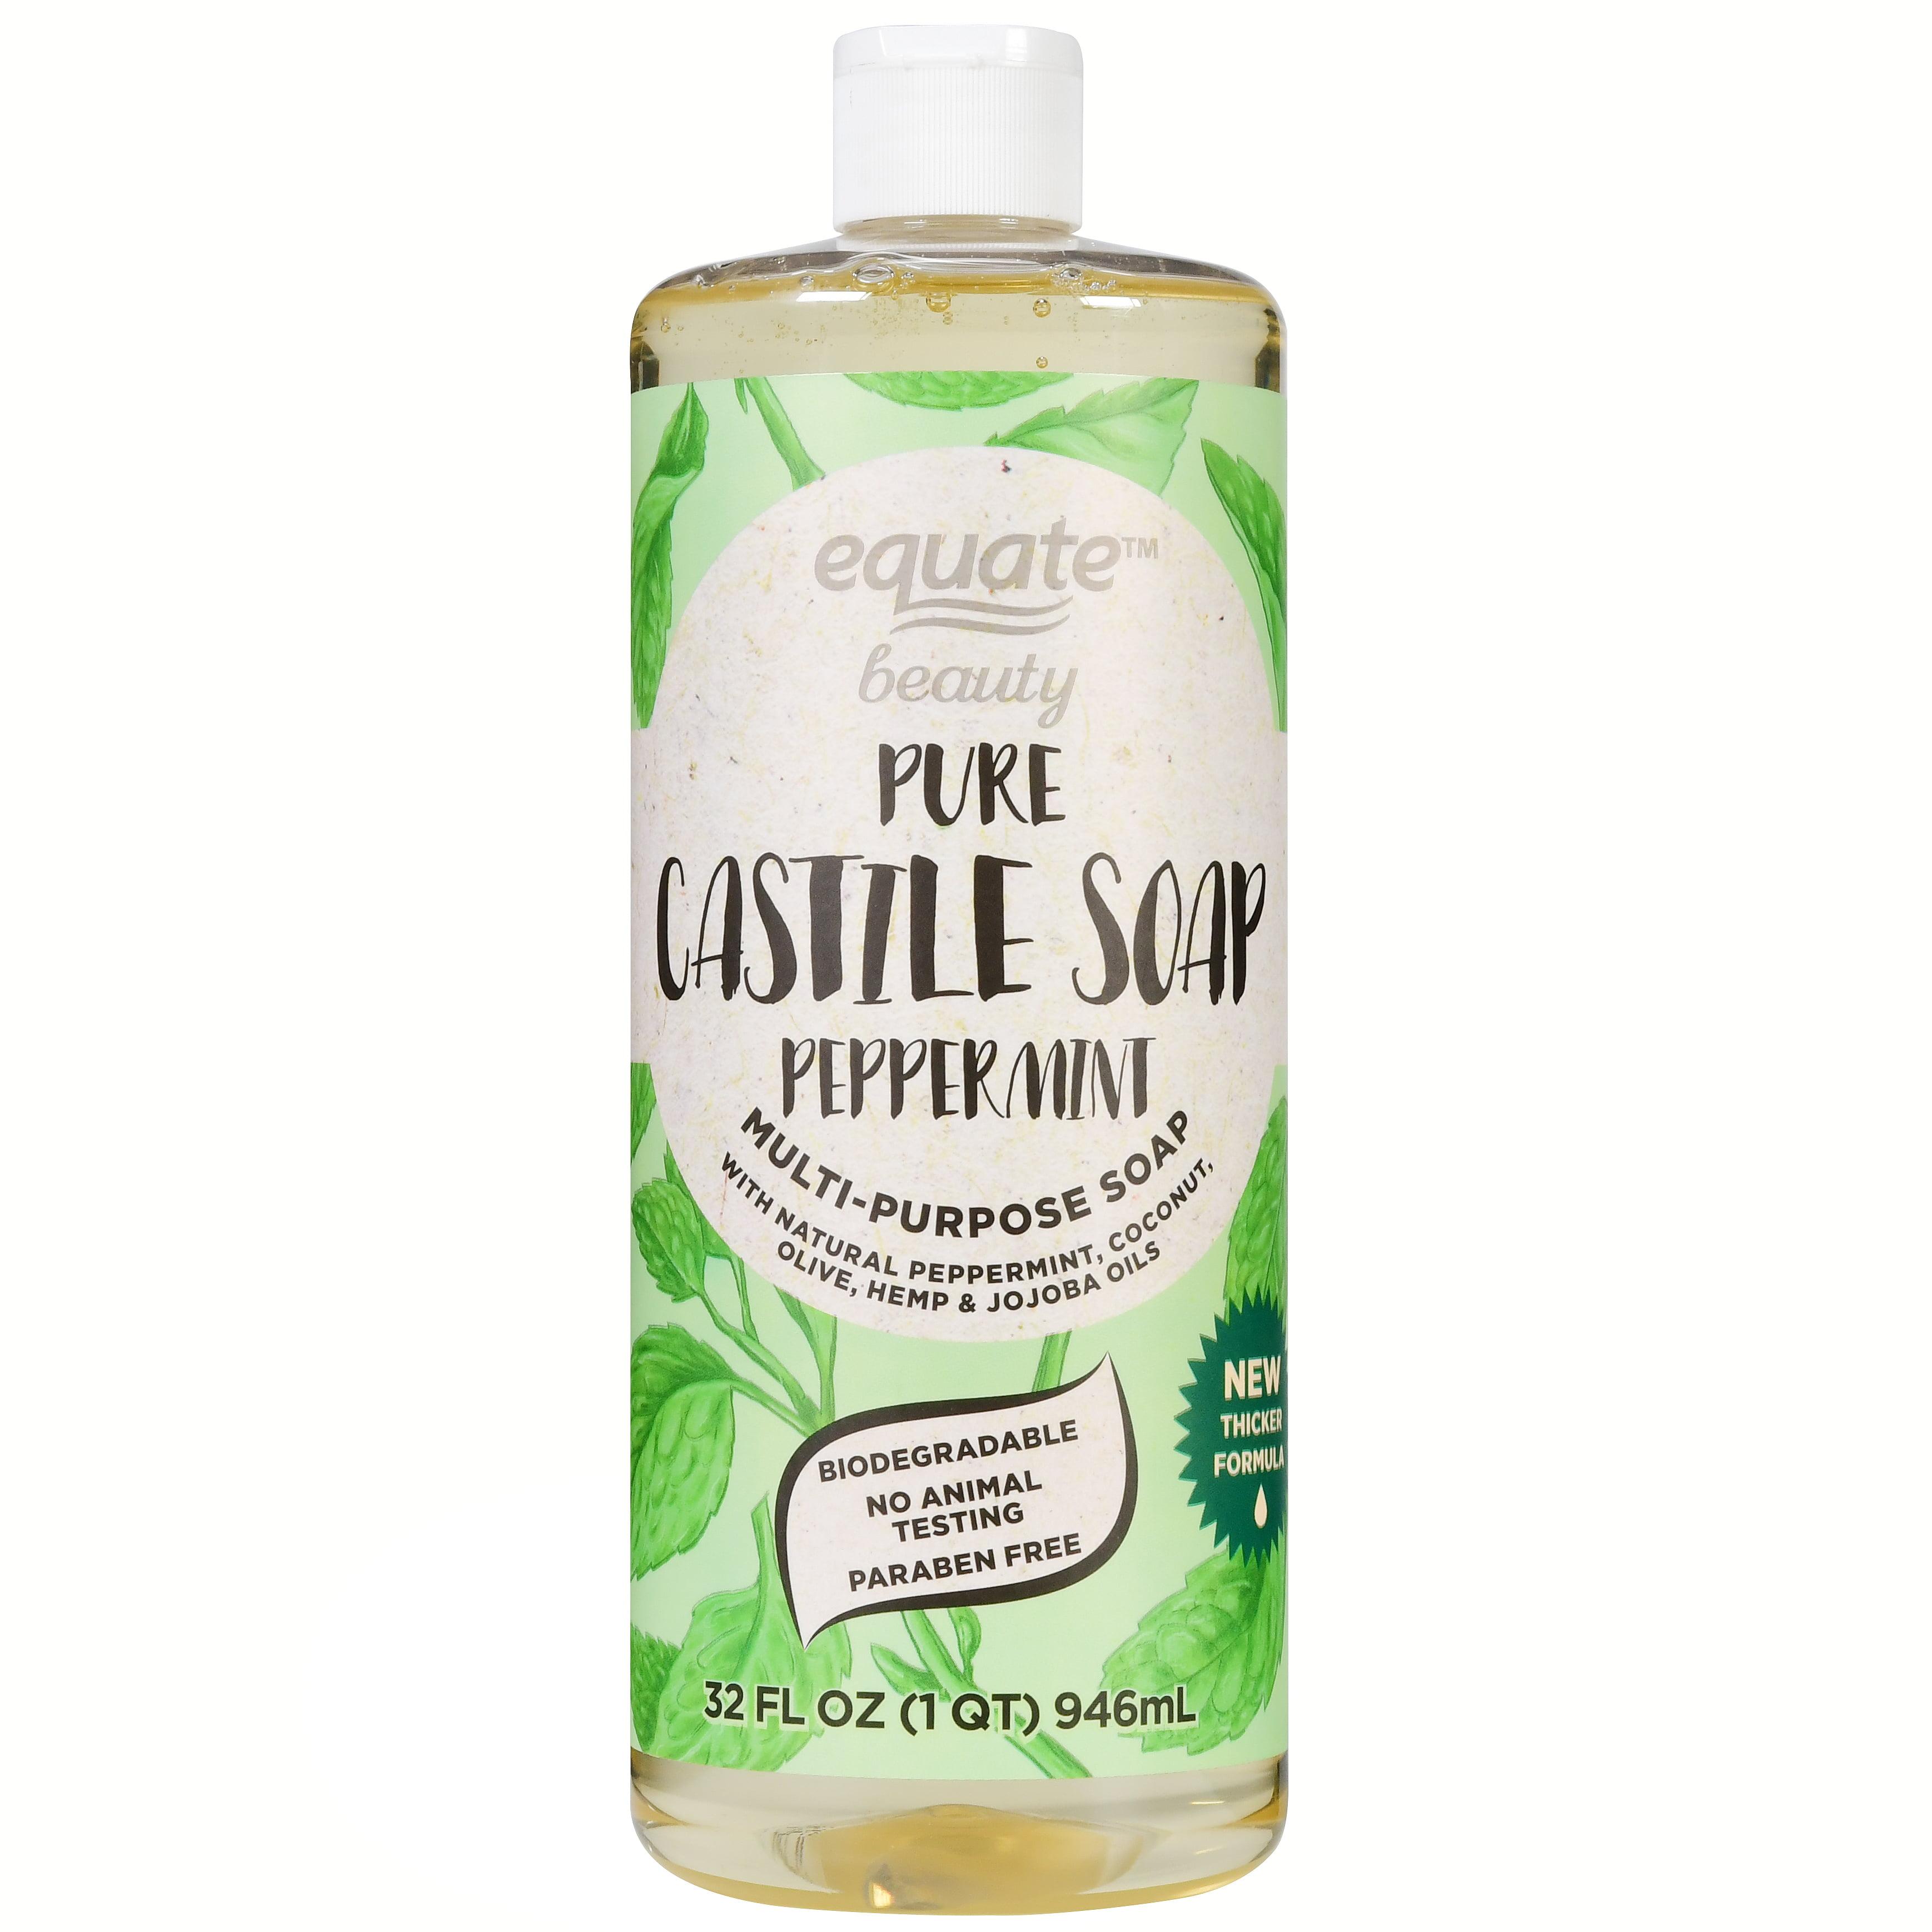 Equate Beauty Pure Castile Soap, Peppermint, 32 fl oz